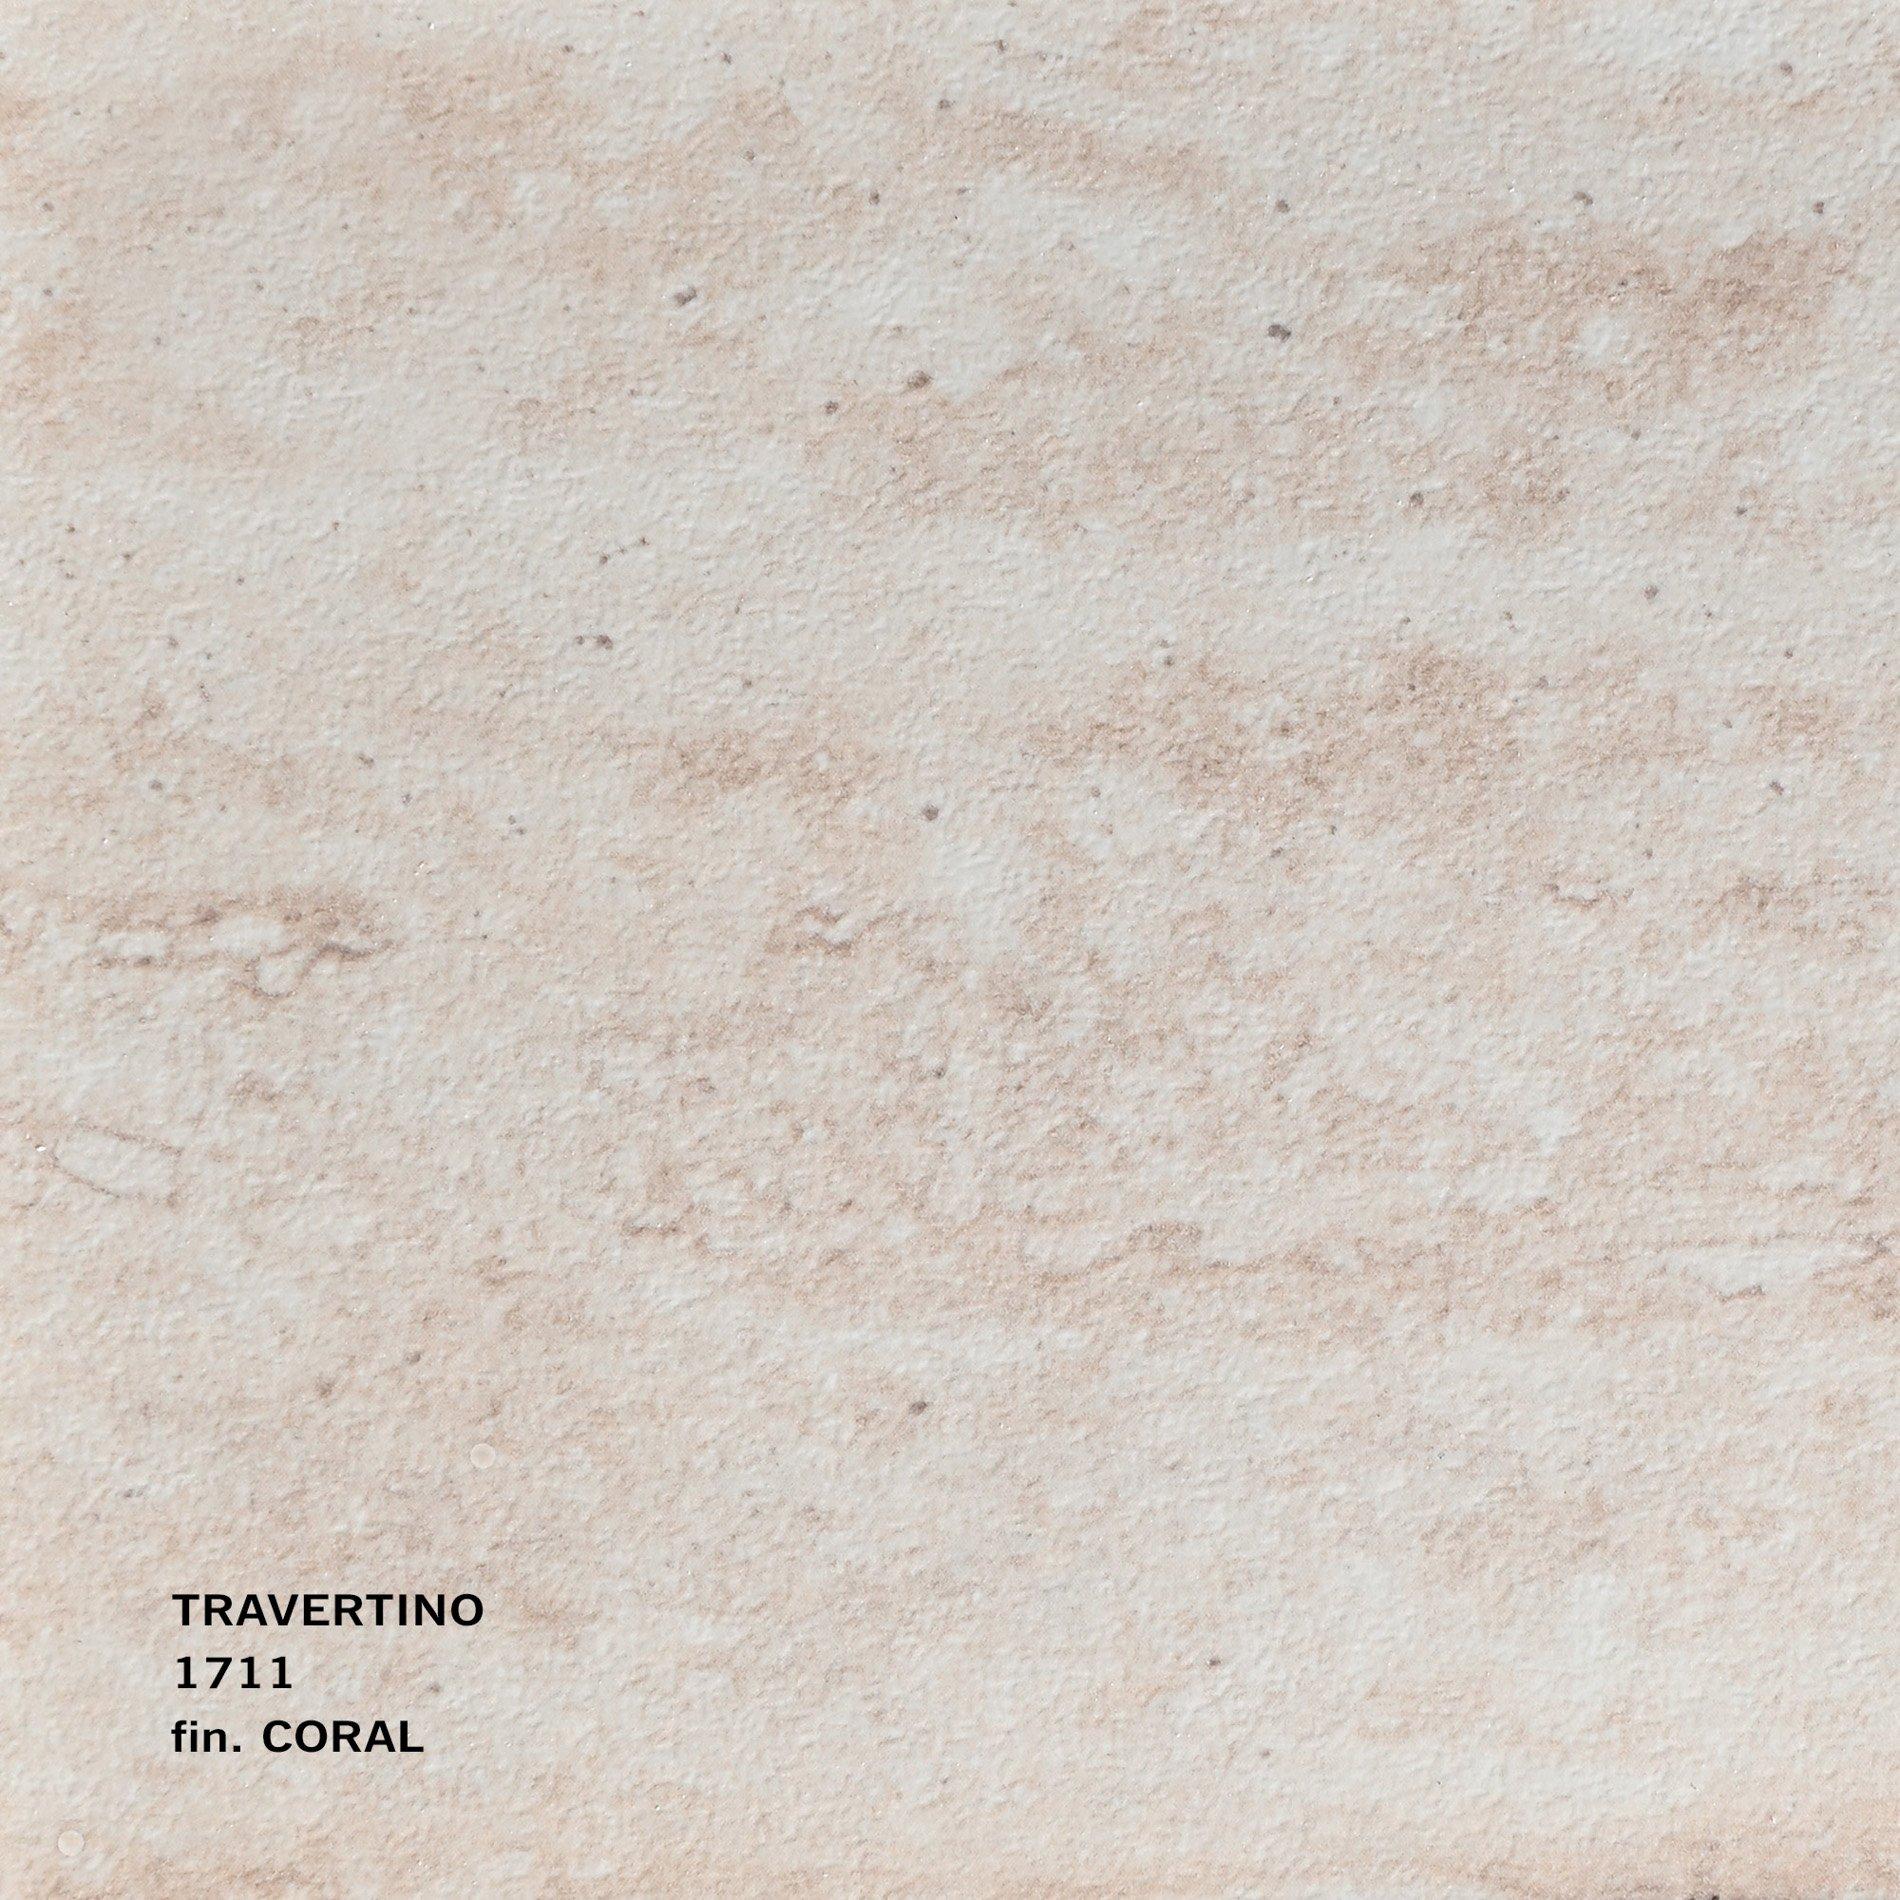 Travertino_Coral